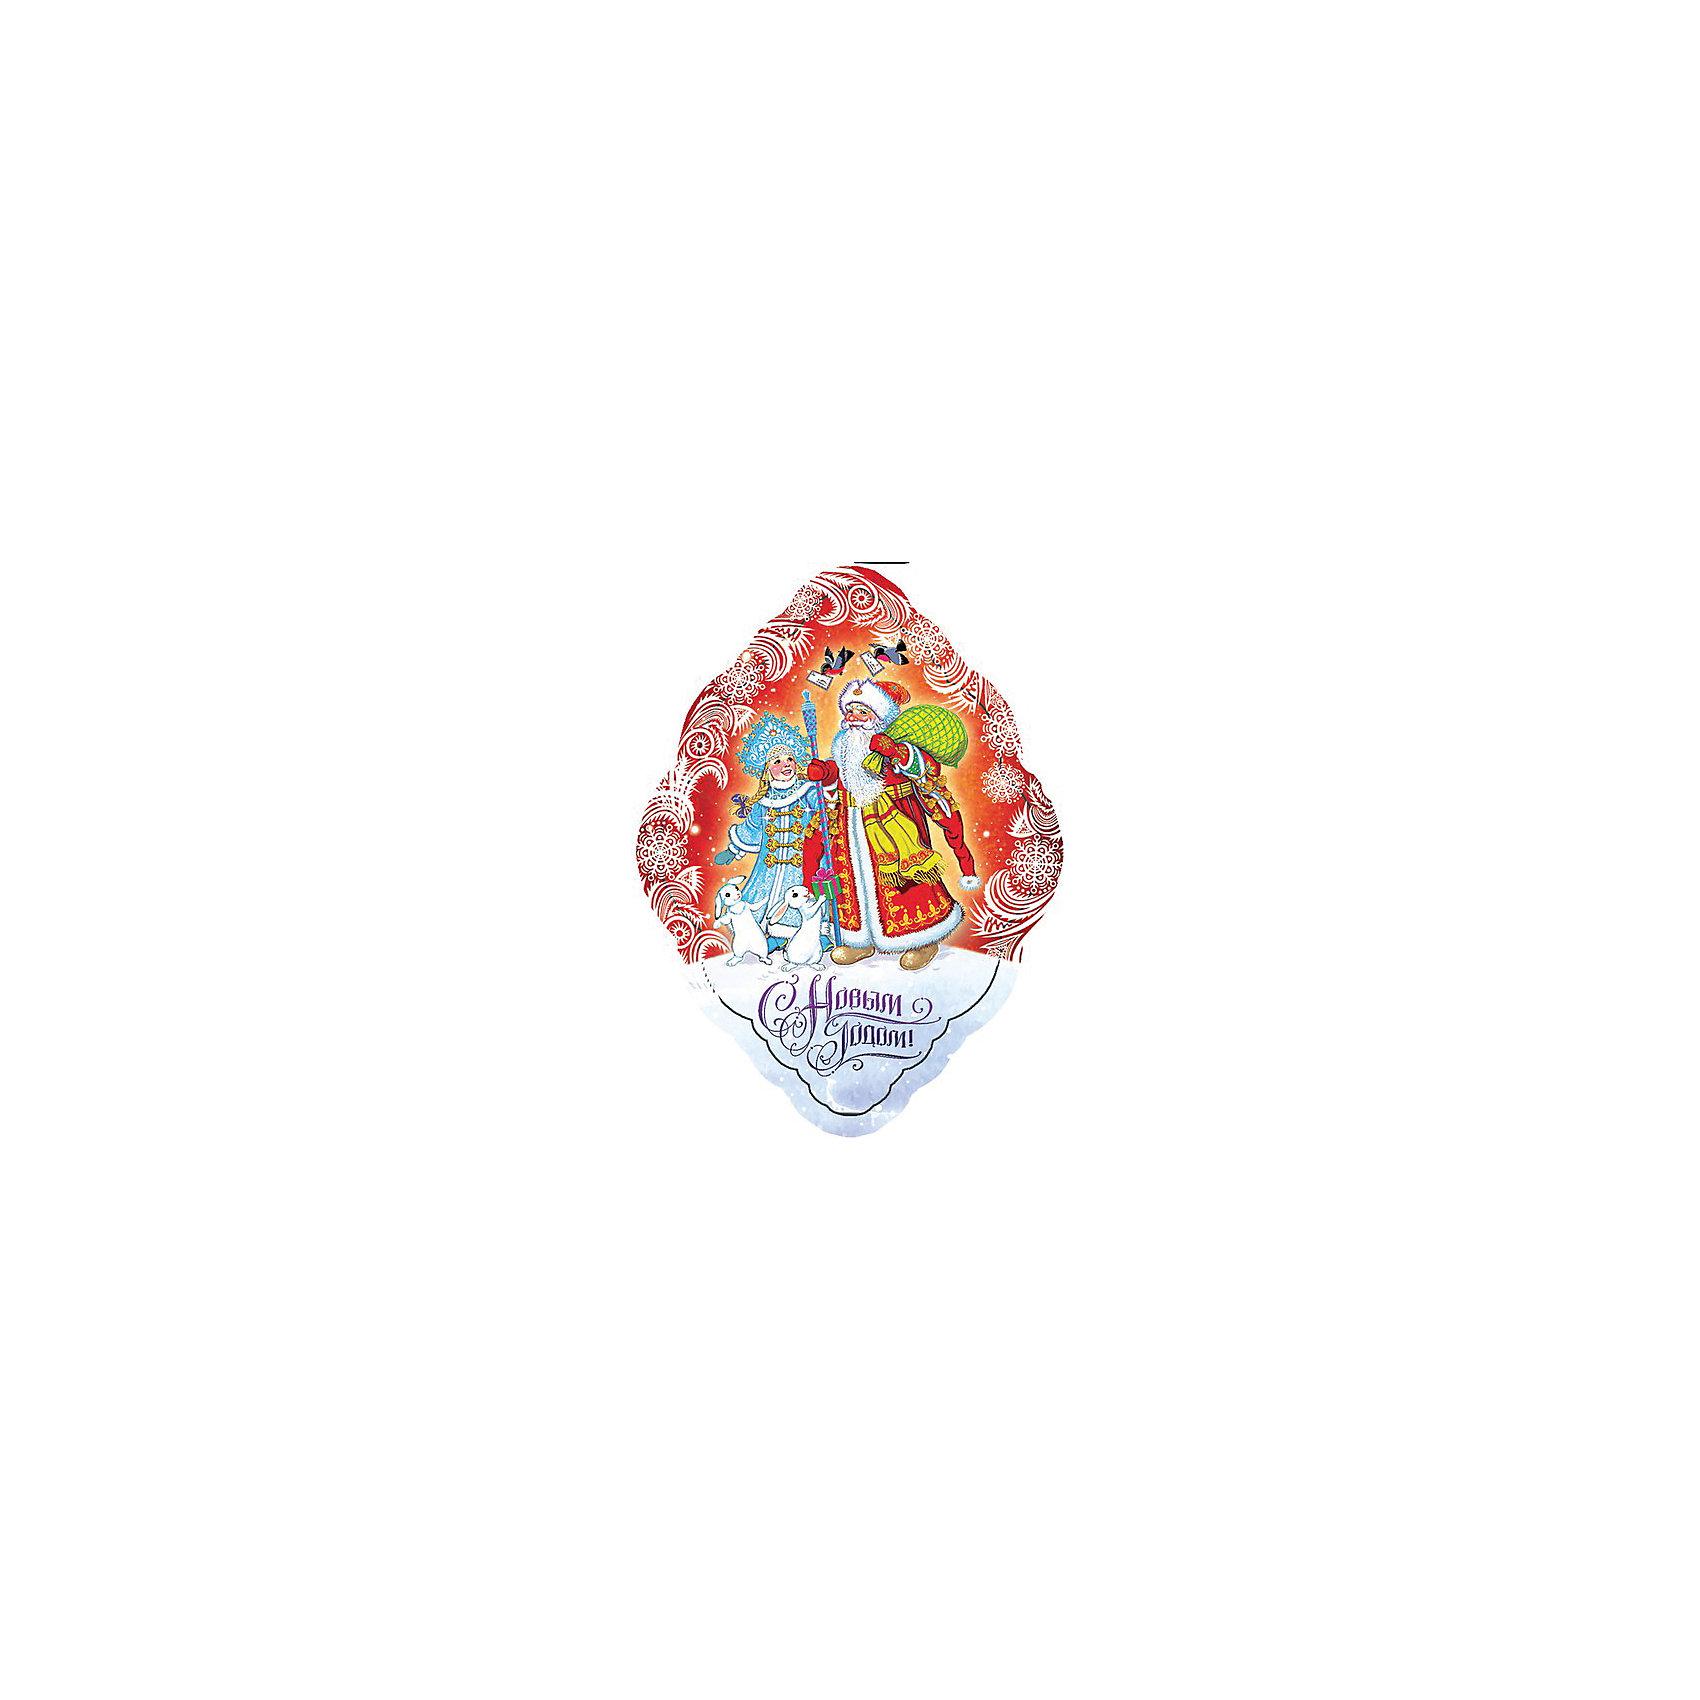 Новогодний магнит Дед Мороз, Снегурочка и зайчикиЯркий магнит с новогодней символикой - прекрасный вариант для праздничного сувенира. Магнит можно прикрепить на любую металлическую поверхность, он всегда будет радовать, напоминая о веселом и таком долгожданном для всех празднике! <br><br>Дополнительная информация:<br><br>- Материал: агломерированный феррит. <br>- Размер: 5,1х7 см.<br>- Яркий привлекательный дизайн. <br><br>Новогодний магнит Дед Мороз, Снегурочка и зайчики можно купить в нашем магазине.<br><br>Ширина мм: 100<br>Глубина мм: 100<br>Высота мм: 10<br>Вес г: 260<br>Возраст от месяцев: 36<br>Возраст до месяцев: 2147483647<br>Пол: Унисекс<br>Возраст: Детский<br>SKU: 4981315